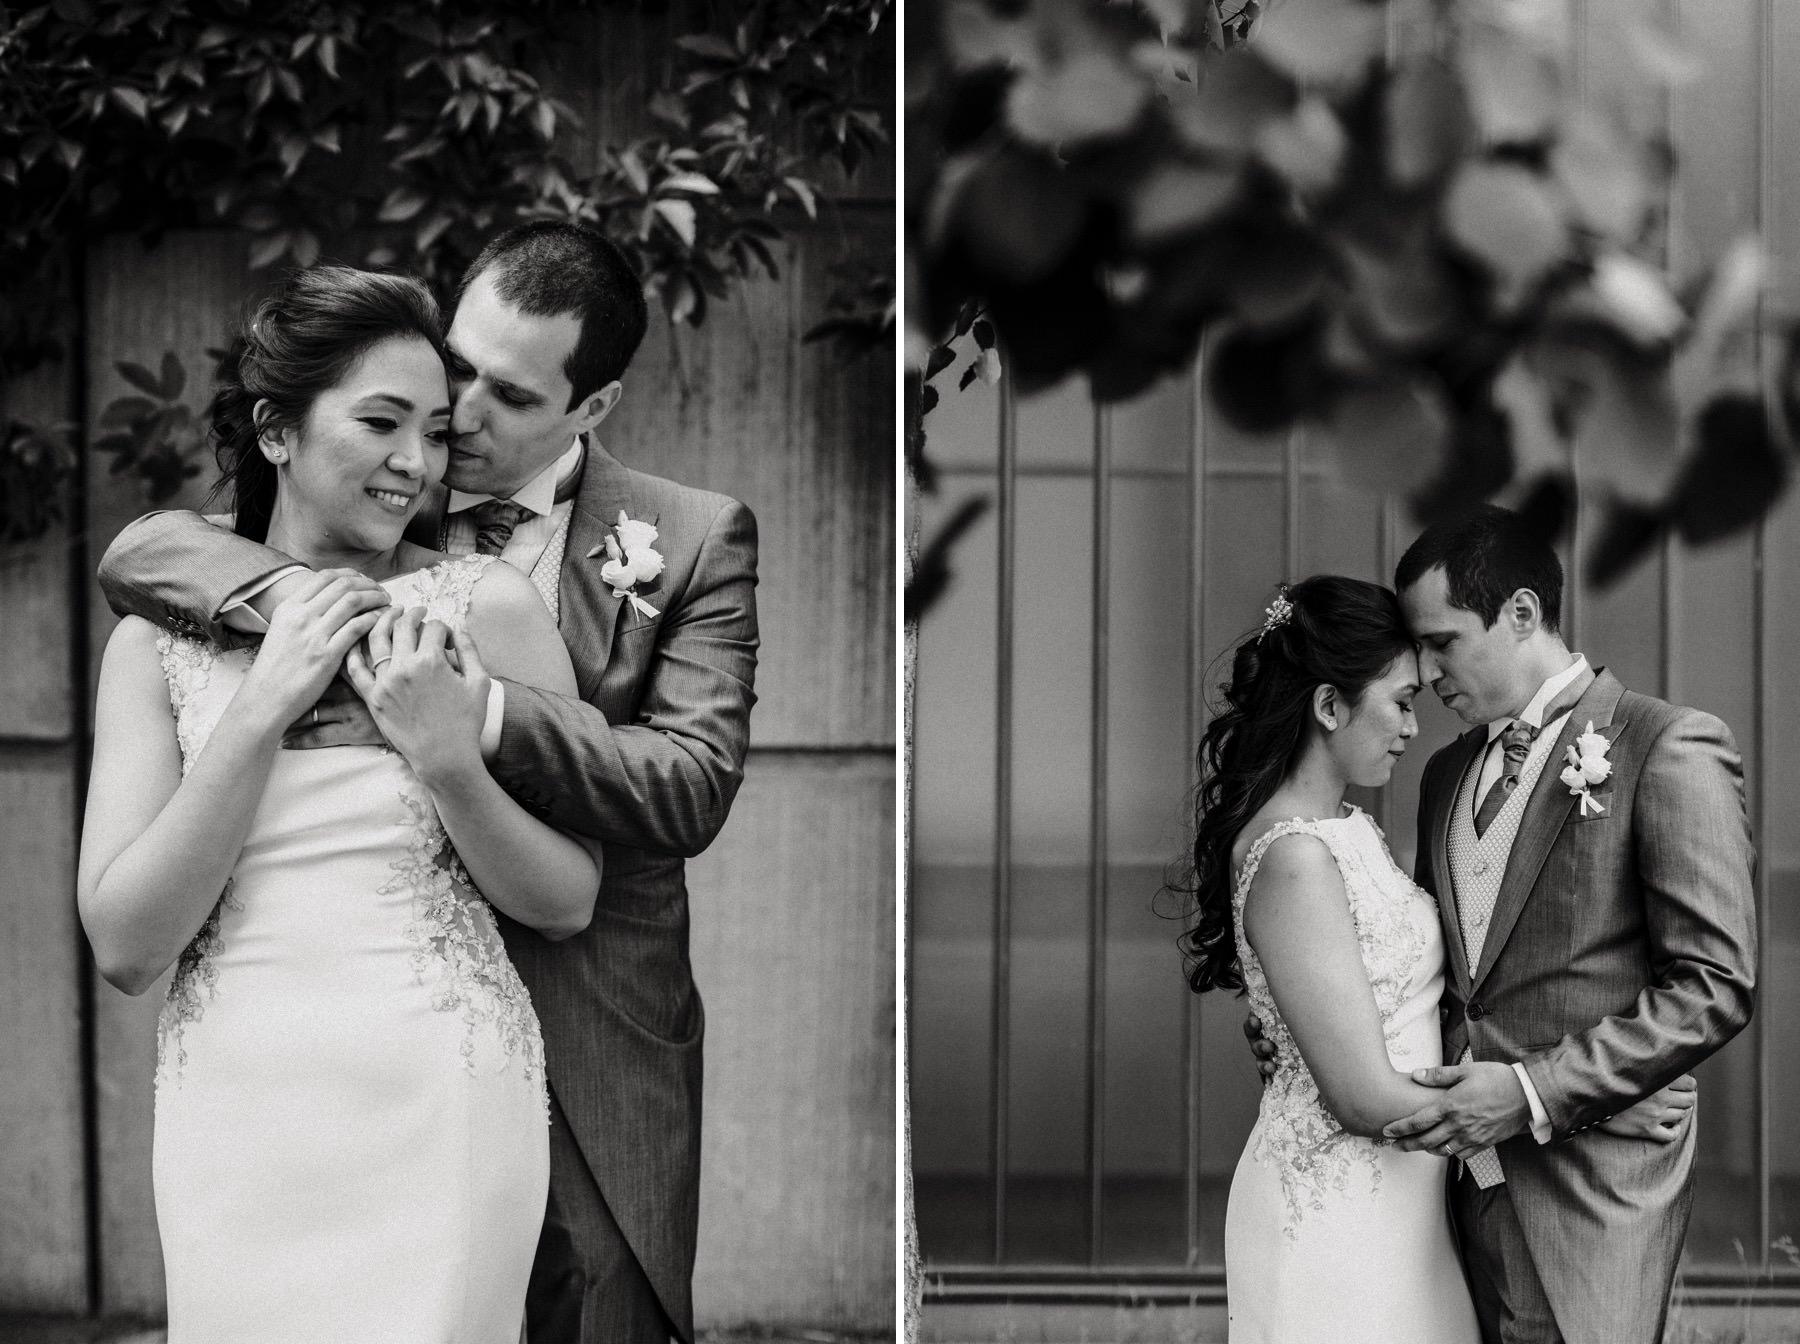 getting married in Helsinki